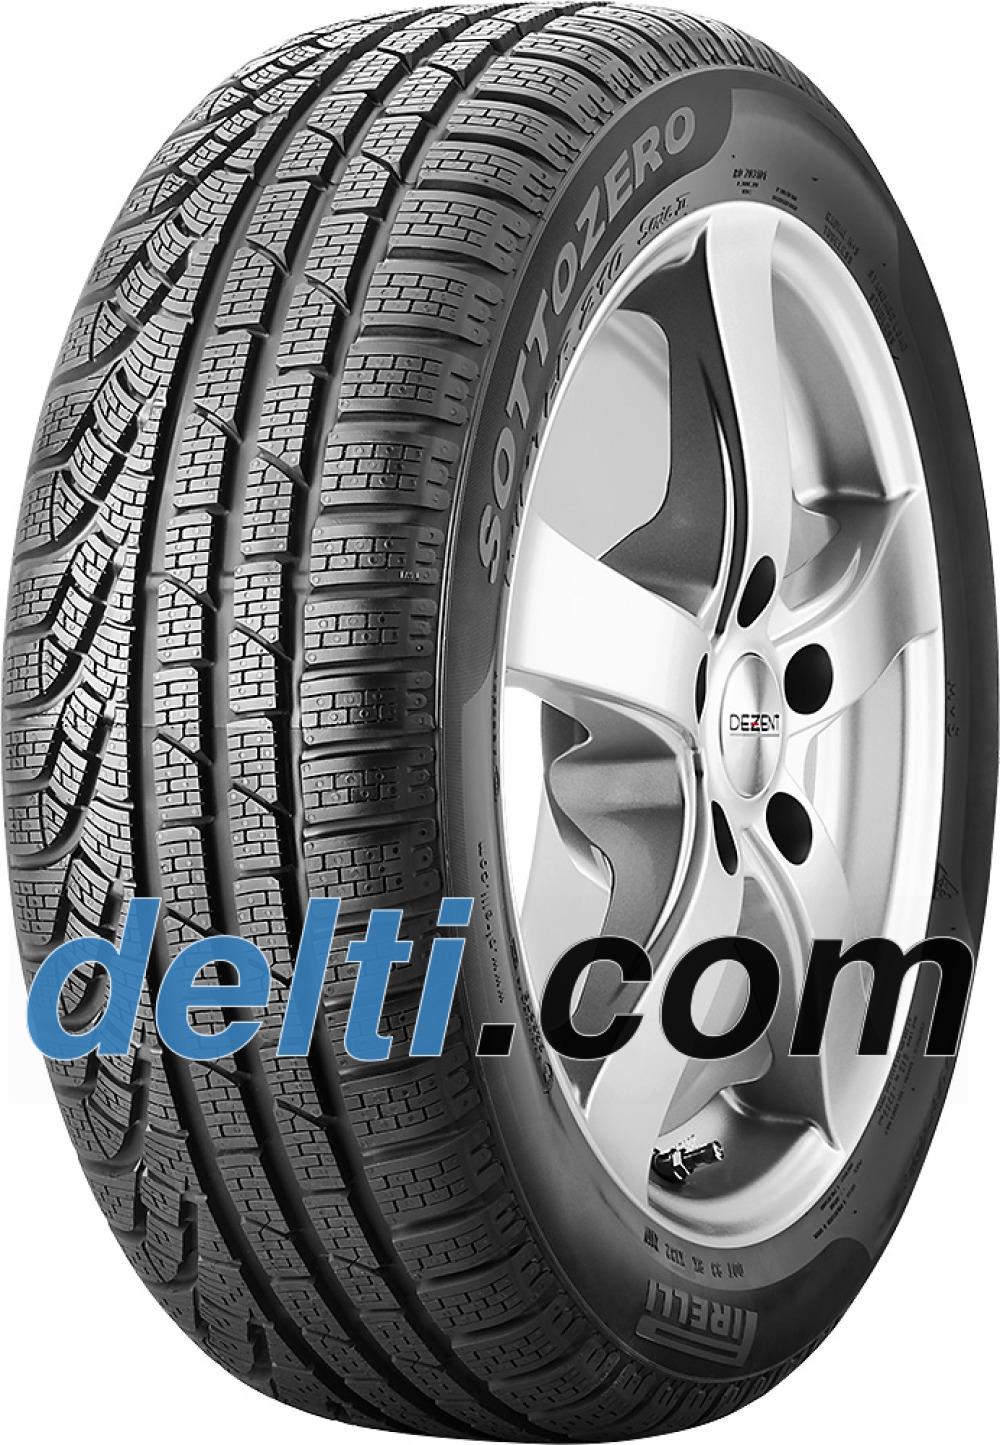 Pirelli W 210 SottoZero S2 ( 205/55 R16 94H XL , avec protège-jante (MFS) )